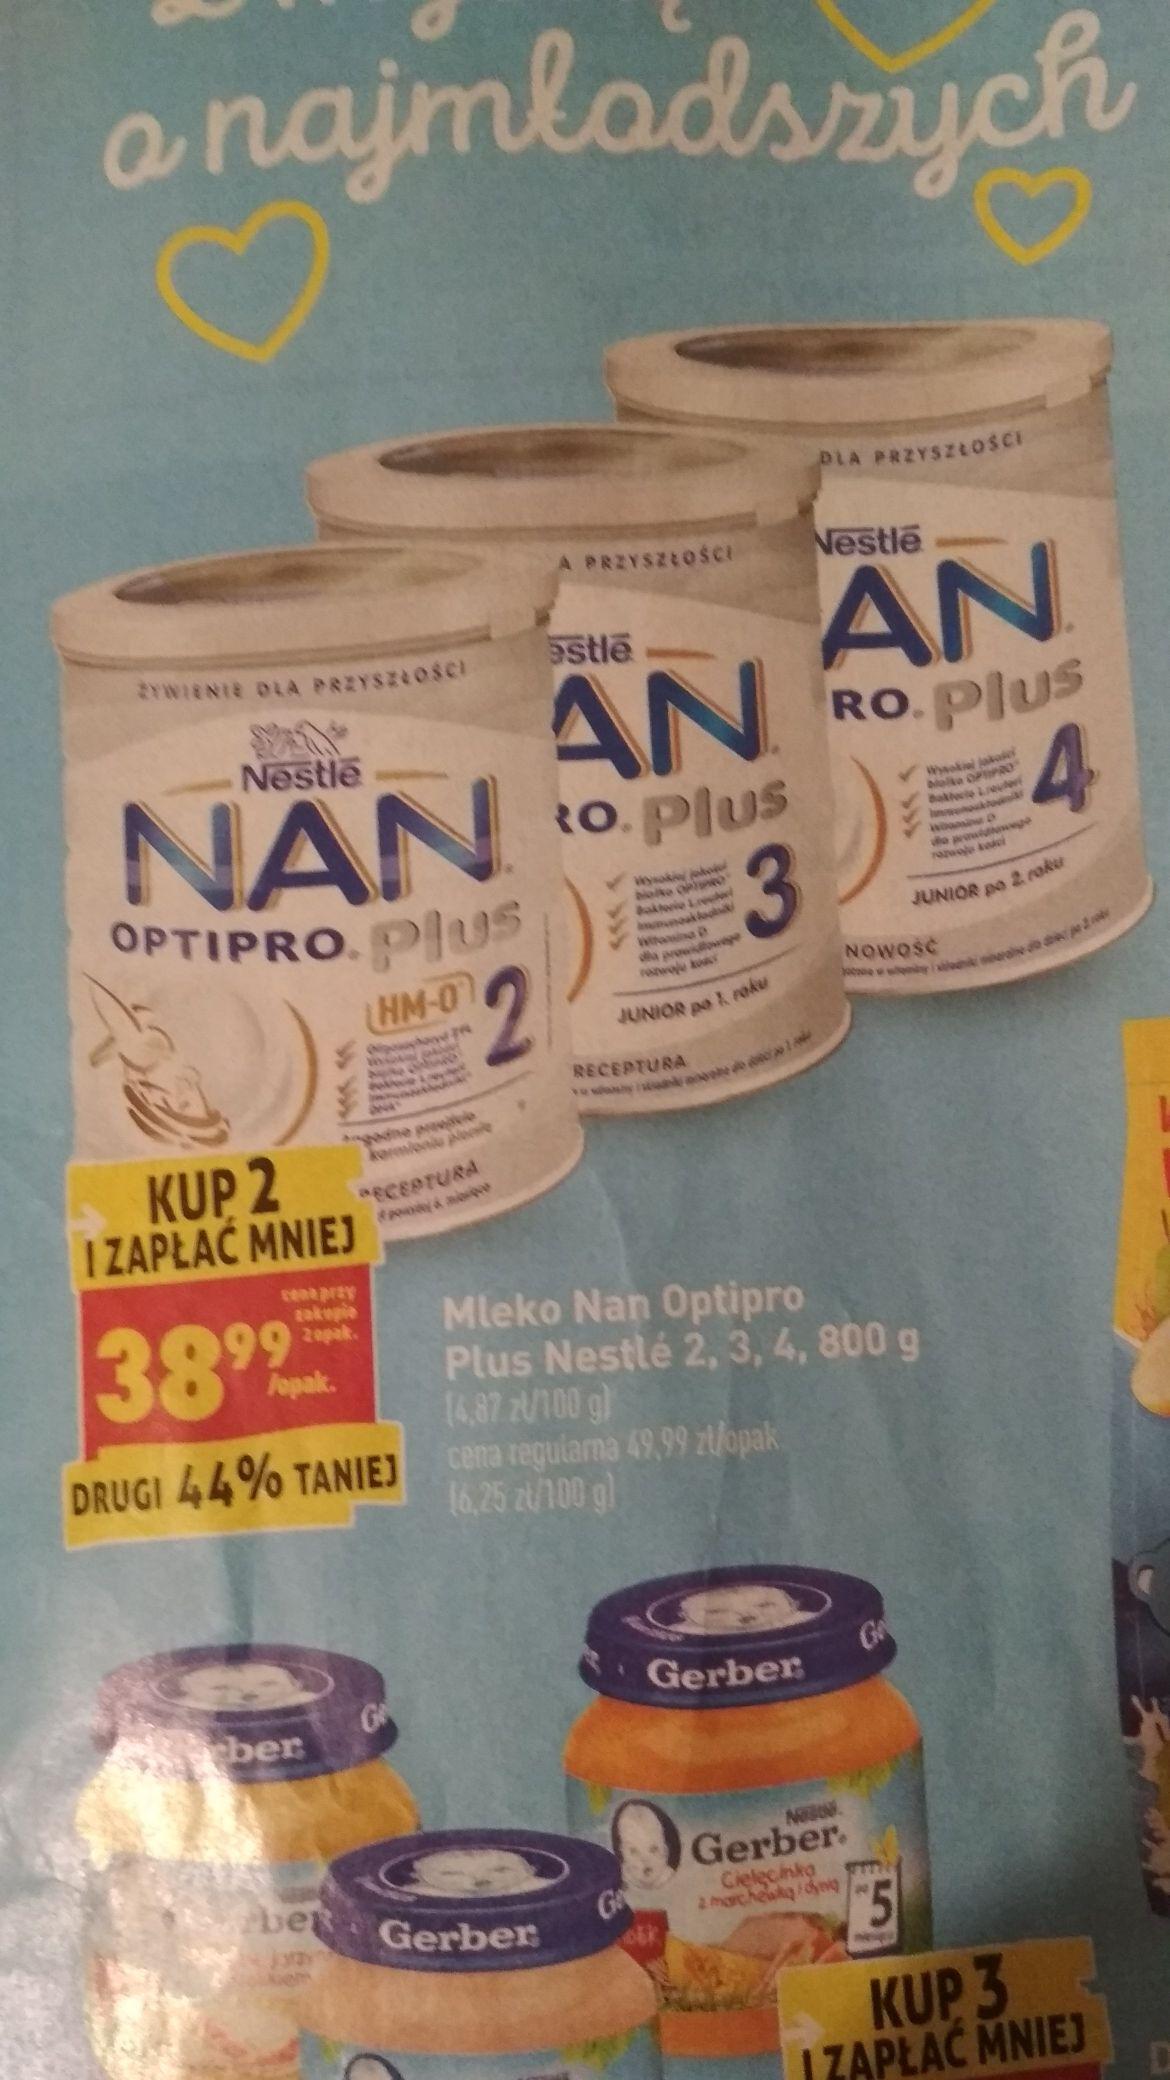 Mleko Nan Optipro plus 2,3 i 4 przy zakupie 2 sztuk Biedronka